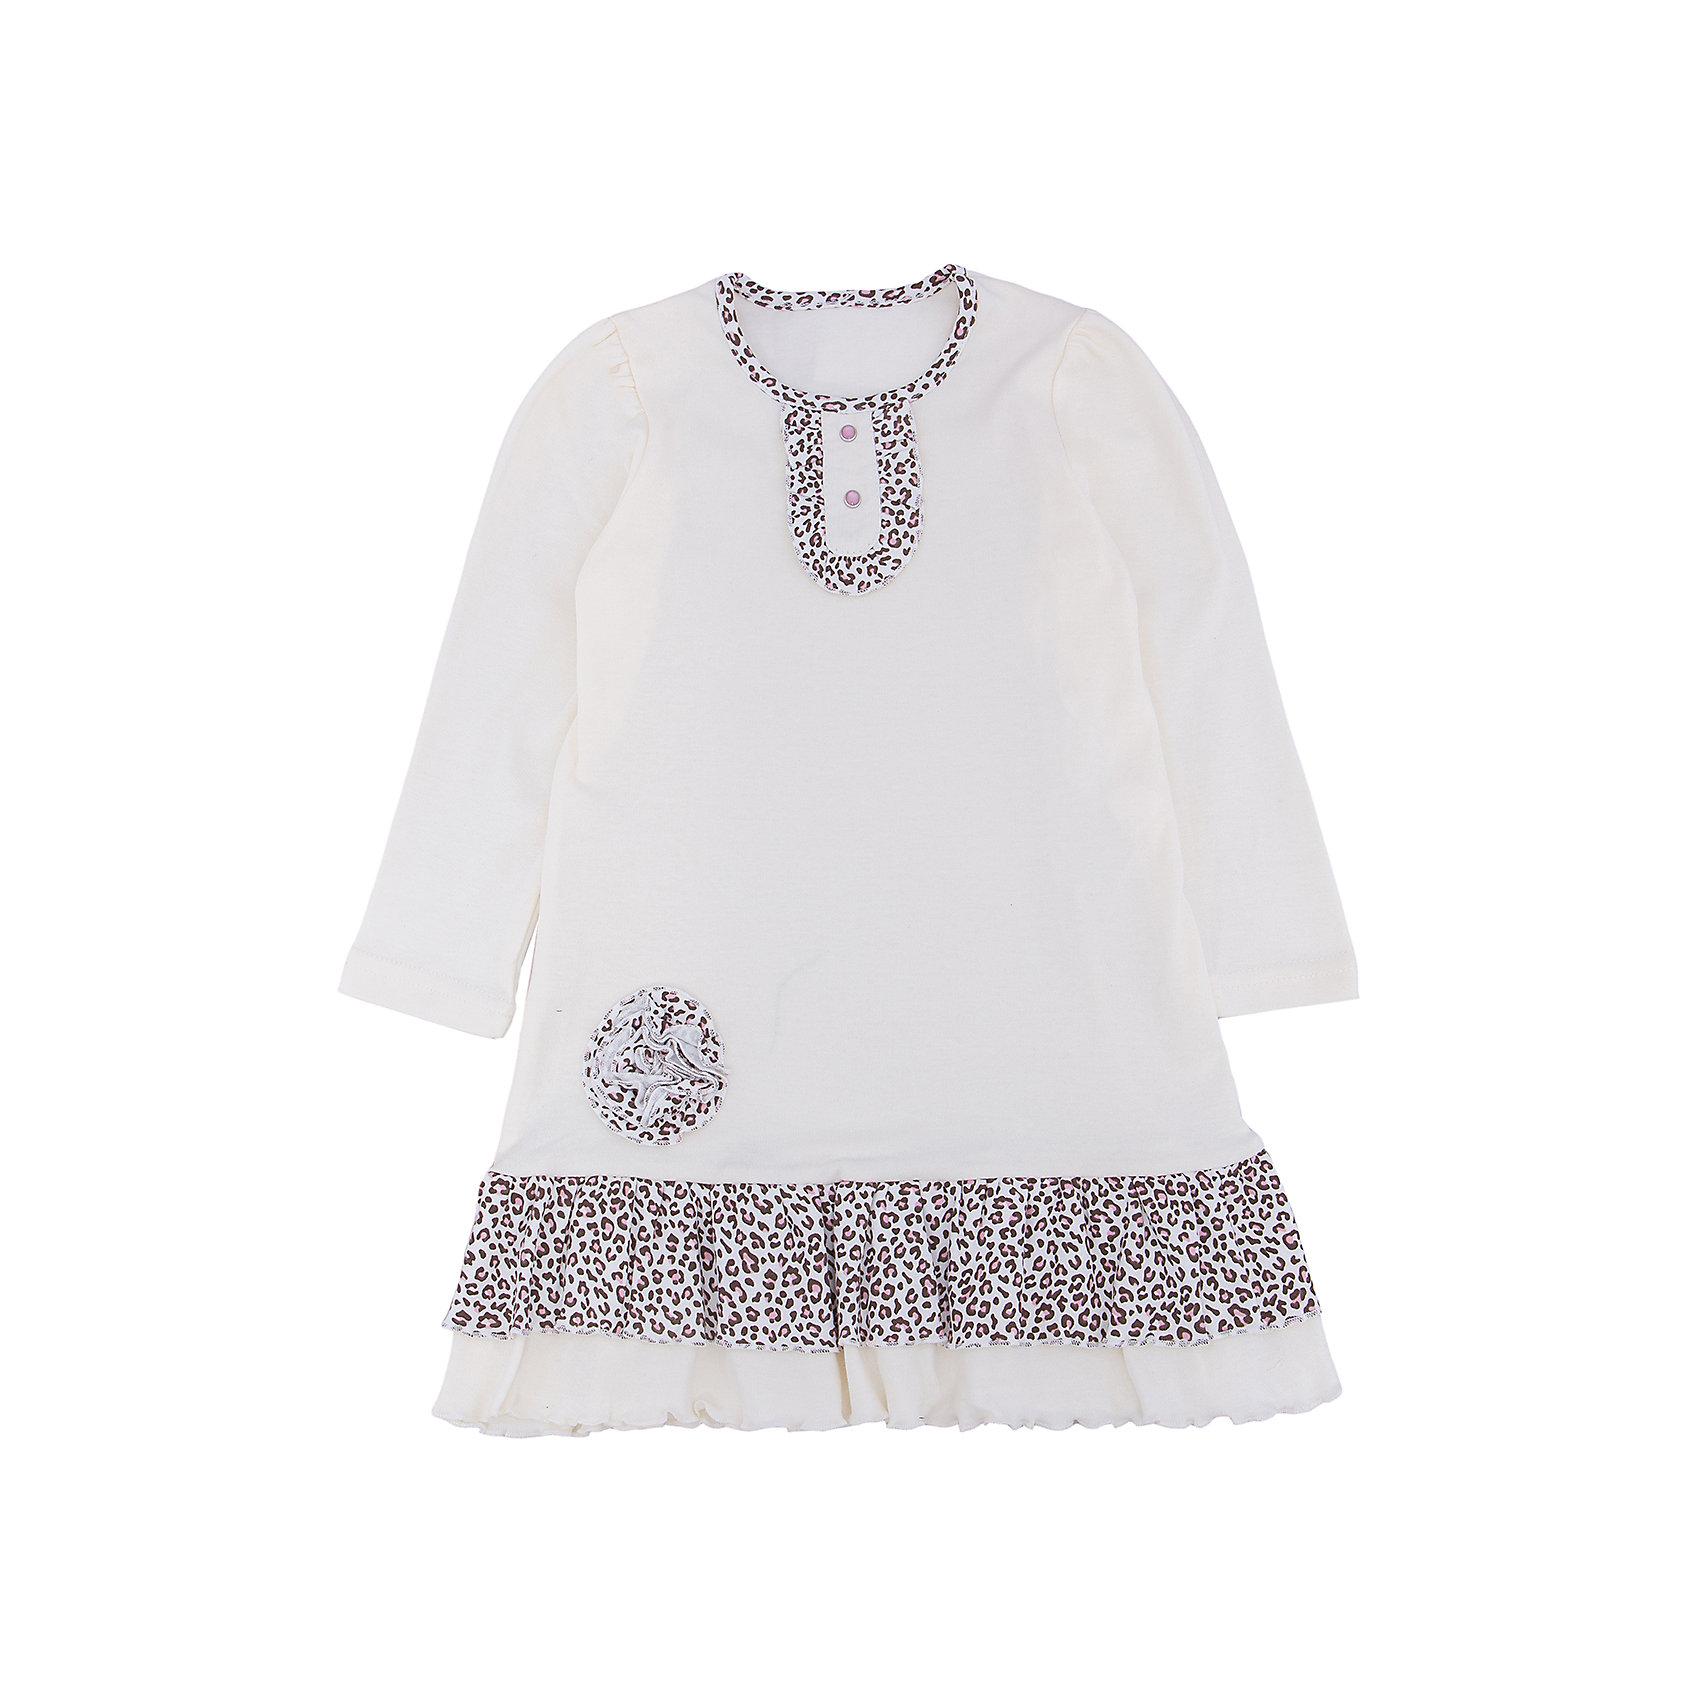 Платье для девочки АпрельПлатье для девочки Апрель.<br><br>Характеристики:<br><br>• состав: 100% хлопок<br>• цвет: белый<br>• коллекция: Забавные котята<br><br>Очаровательное платье Апрель порадует любителей стиля и простоты. Платье белого цвета имеет вставки леопардового цвета на вороте и подоле. Декорировано леопардовым цветком и рюшами. Это прелестное платье должно быть в гардеробе каждой модницы!<br><br>Платье для девочки Апрель вы можете купить в нашем интернет-магазине.<br><br>Ширина мм: 236<br>Глубина мм: 16<br>Высота мм: 184<br>Вес г: 177<br>Цвет: белый<br>Возраст от месяцев: 24<br>Возраст до месяцев: 36<br>Пол: Женский<br>Возраст: Детский<br>Размер: 98,92,86,110,116,104<br>SKU: 5006931